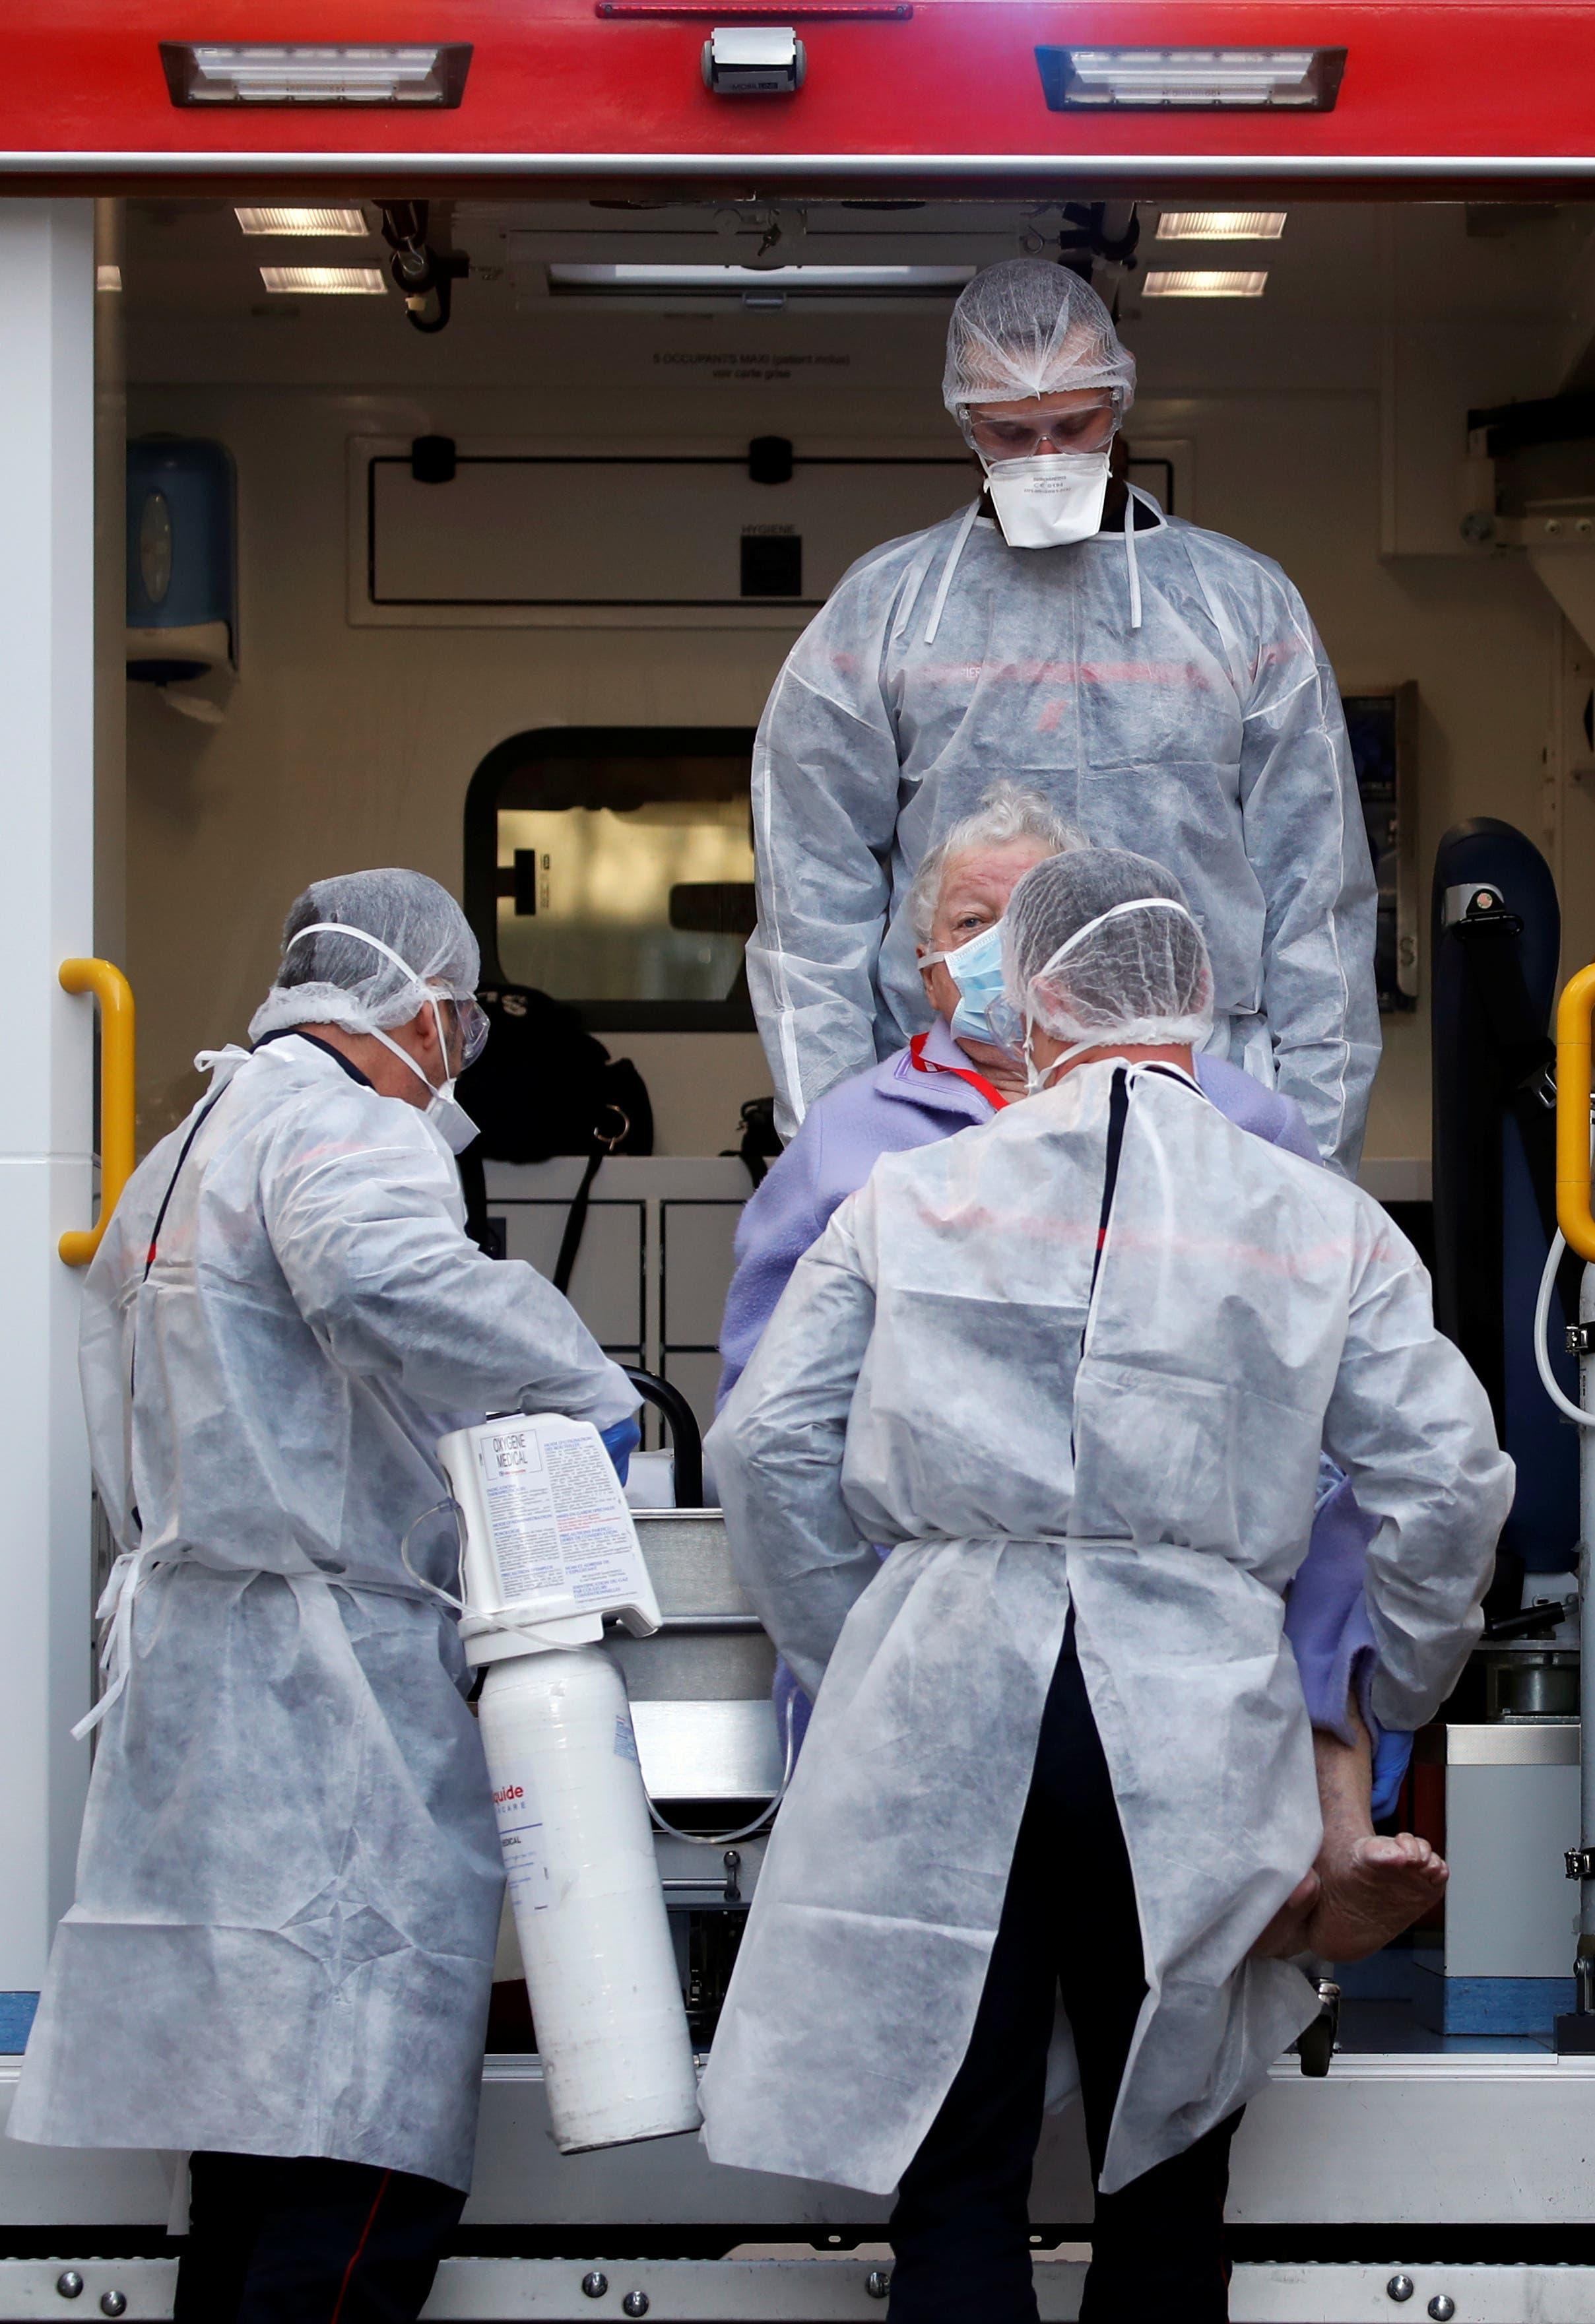 عملية إنقاذ المصابين بكورونا في ستراسبورغ يوم 28 مارس